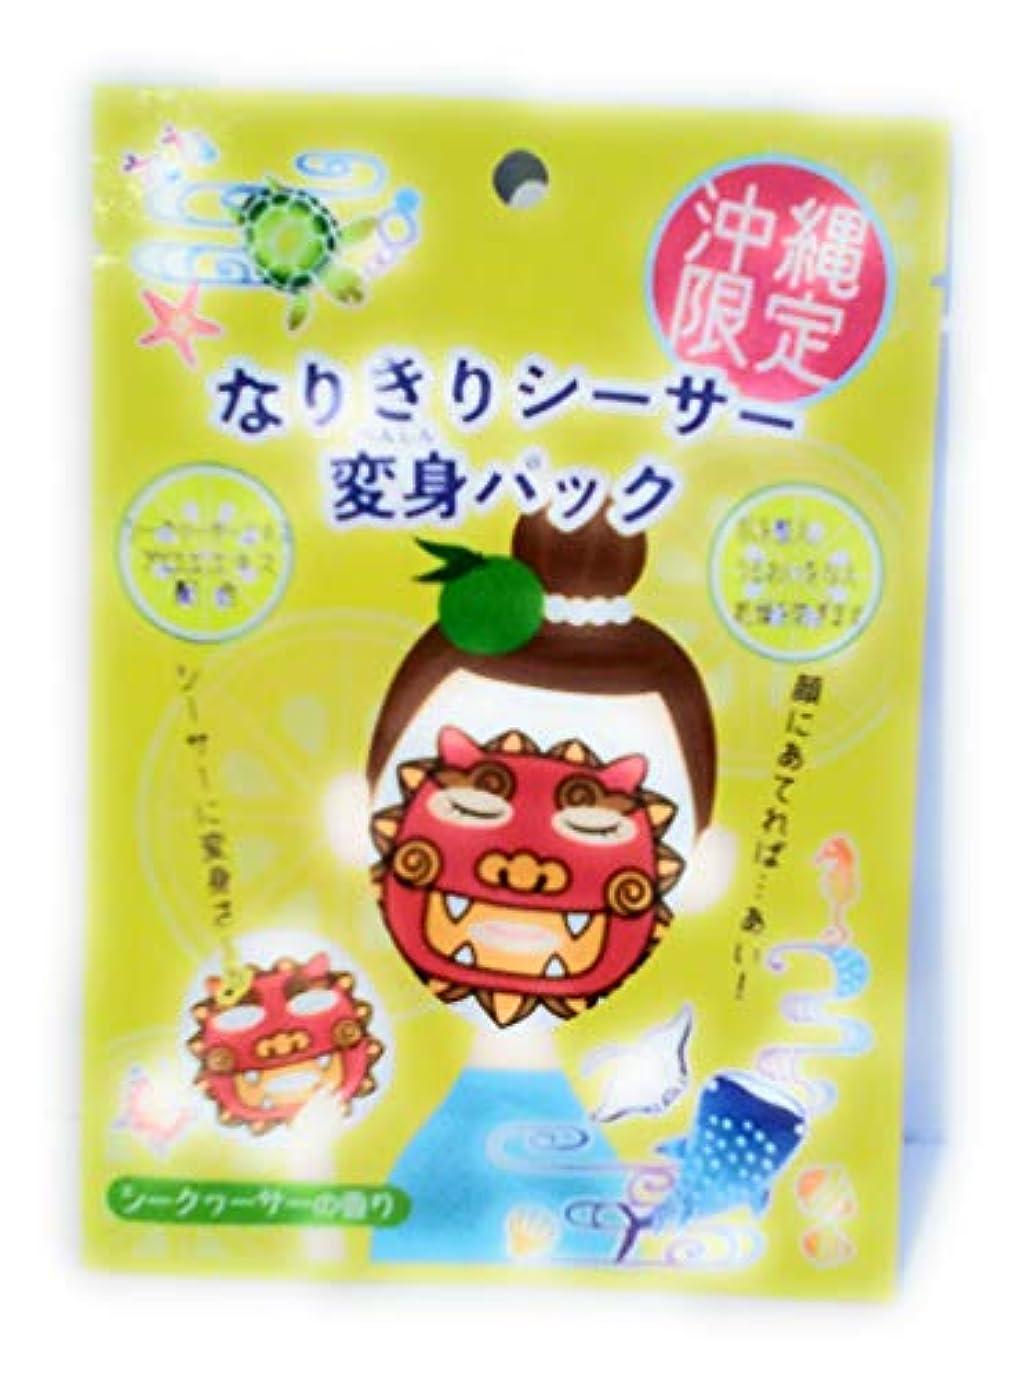 アジア掻くゴールデン沖縄限定 なりきりシーサー変身パック(赤) シークヮーサーの香り